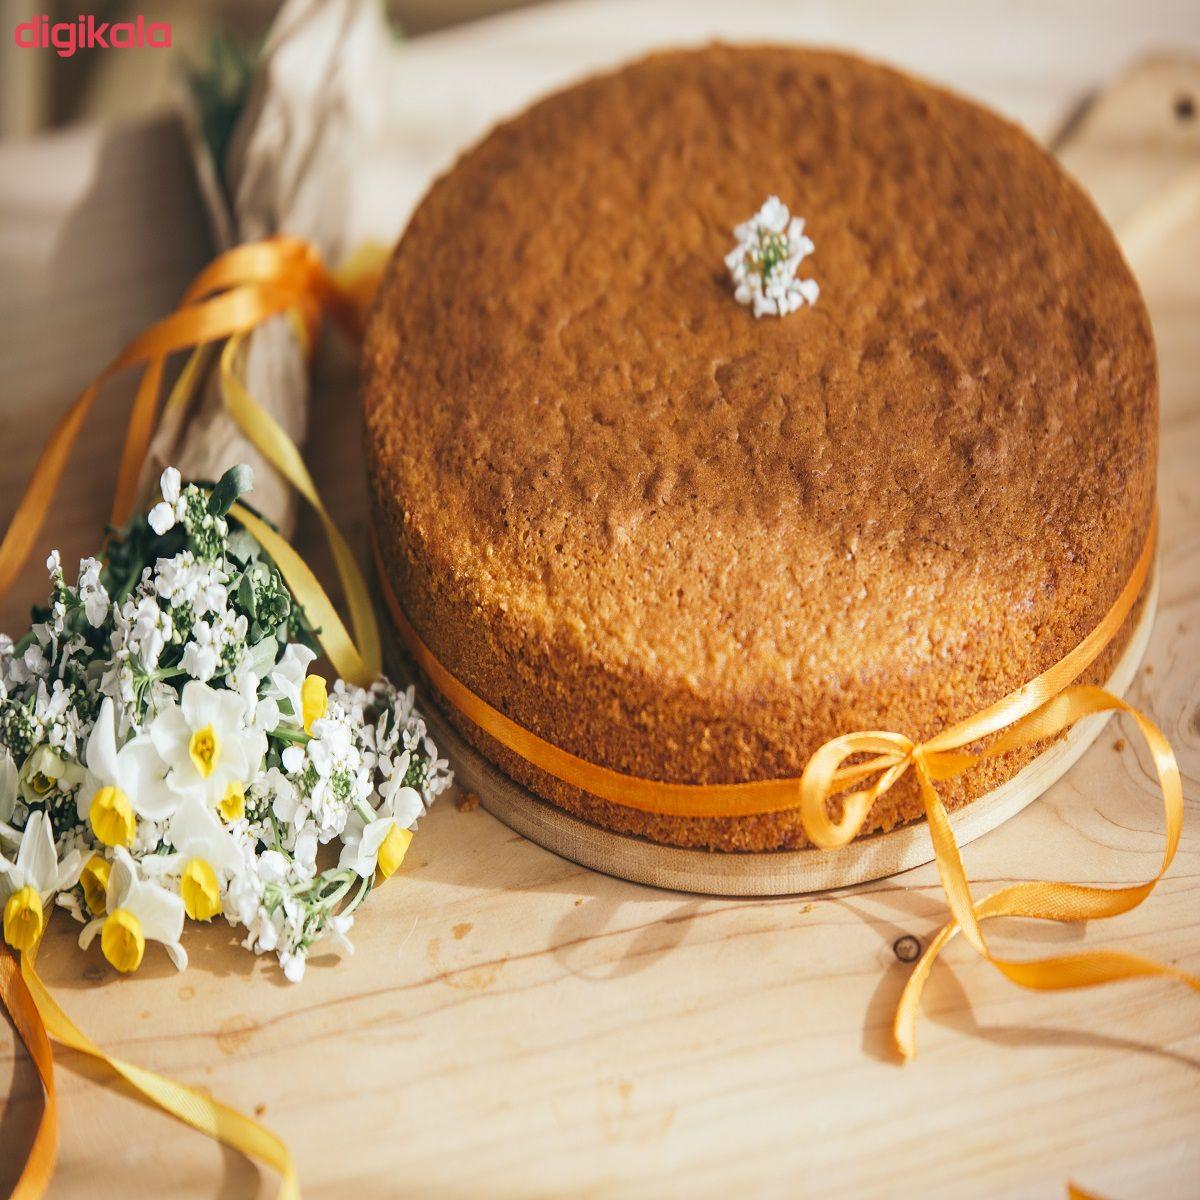 کیک هویج کیکخونه - 1 کیلوگرم main 1 1